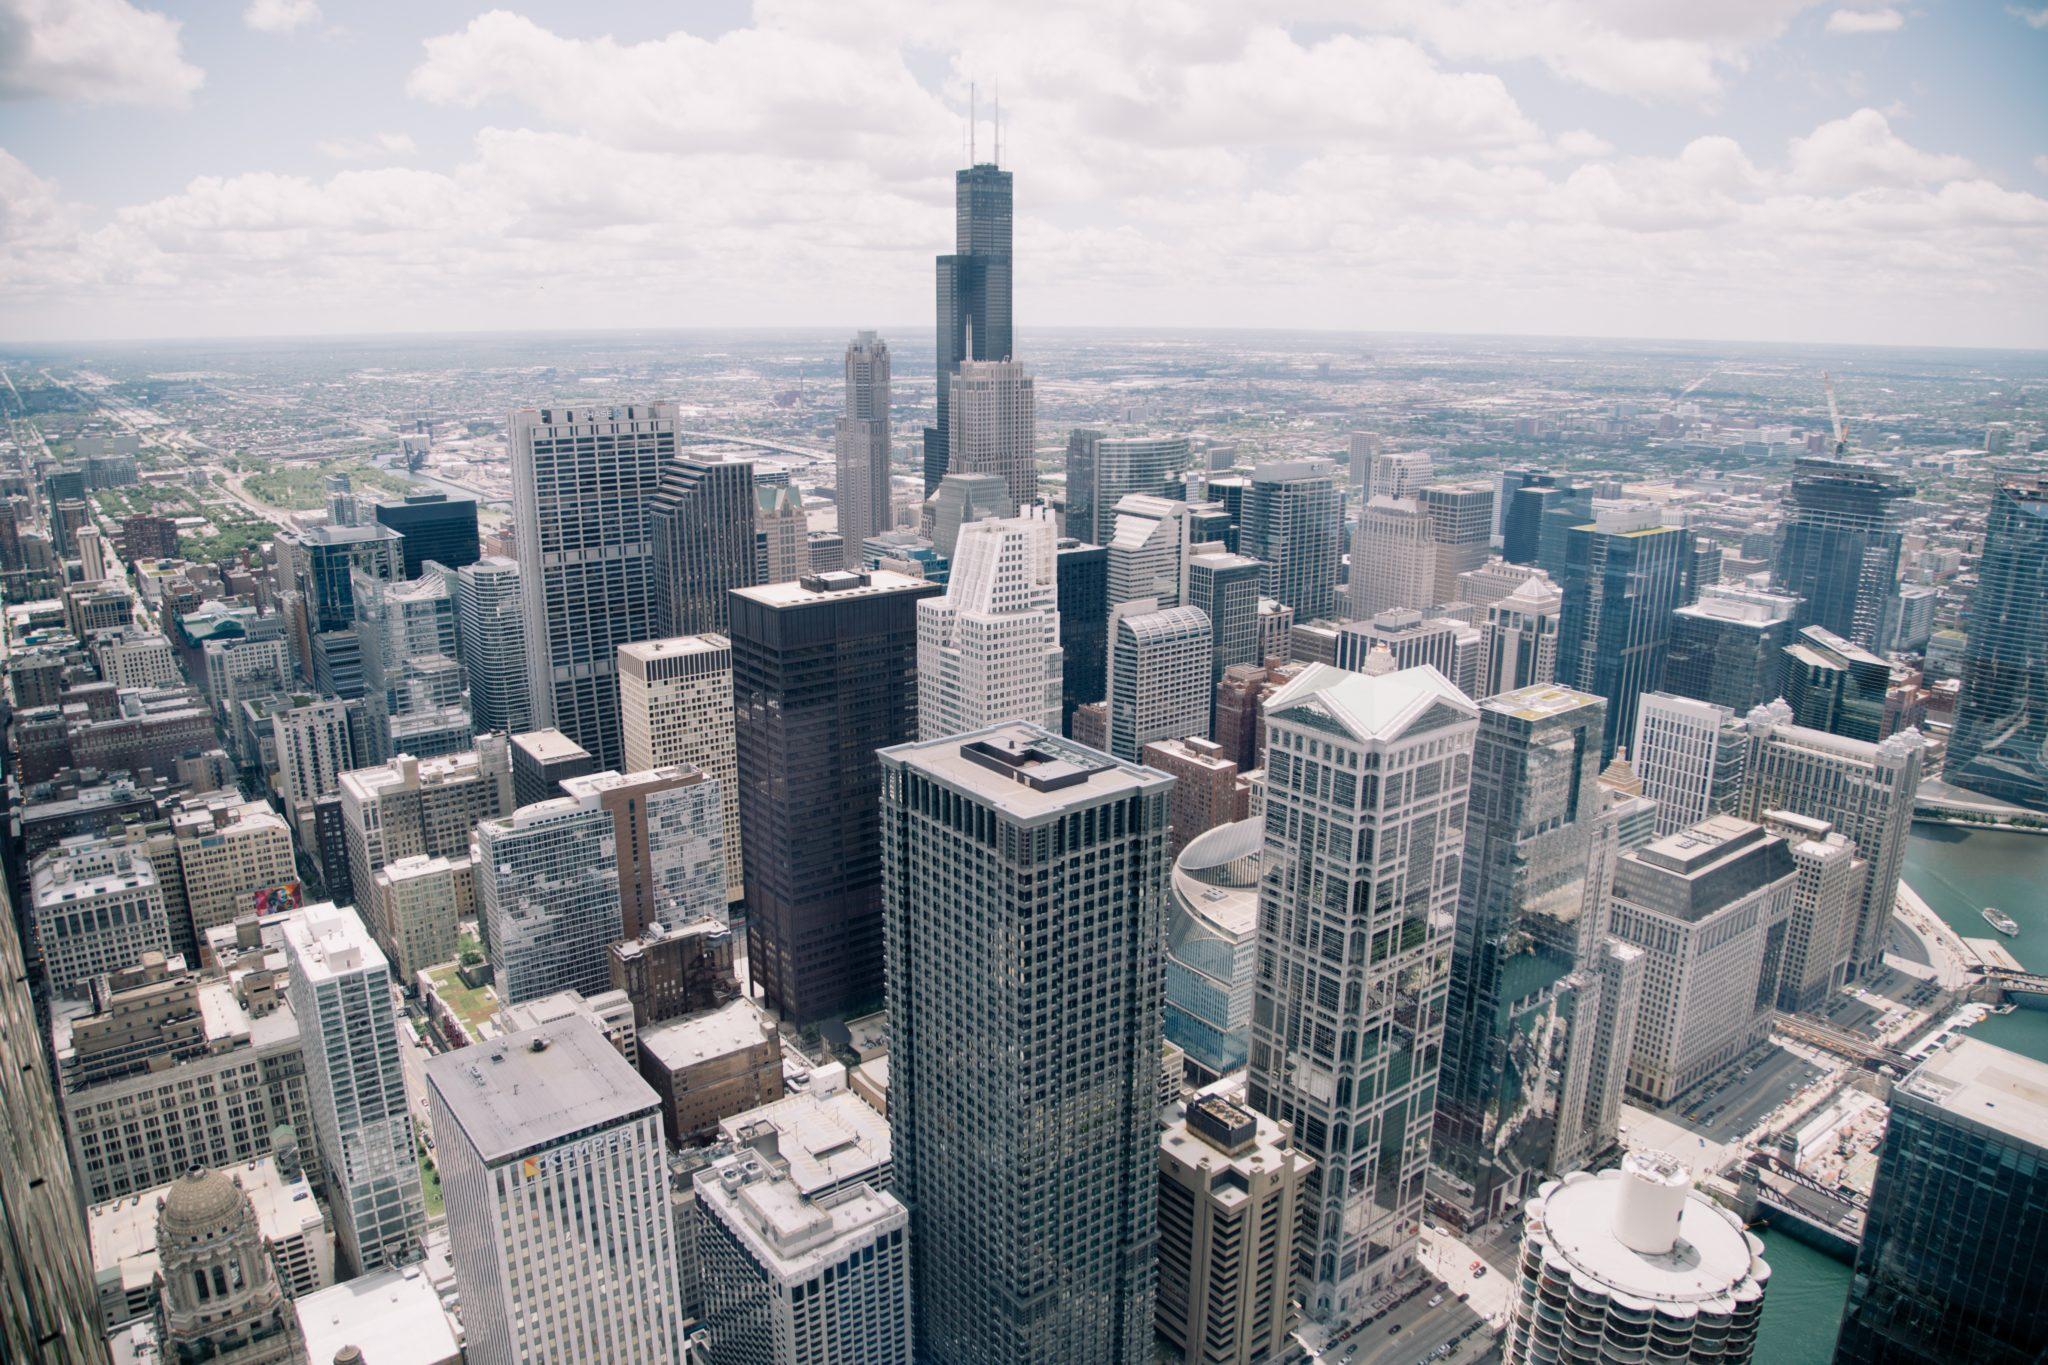 Afinal, por que construímos cidades?